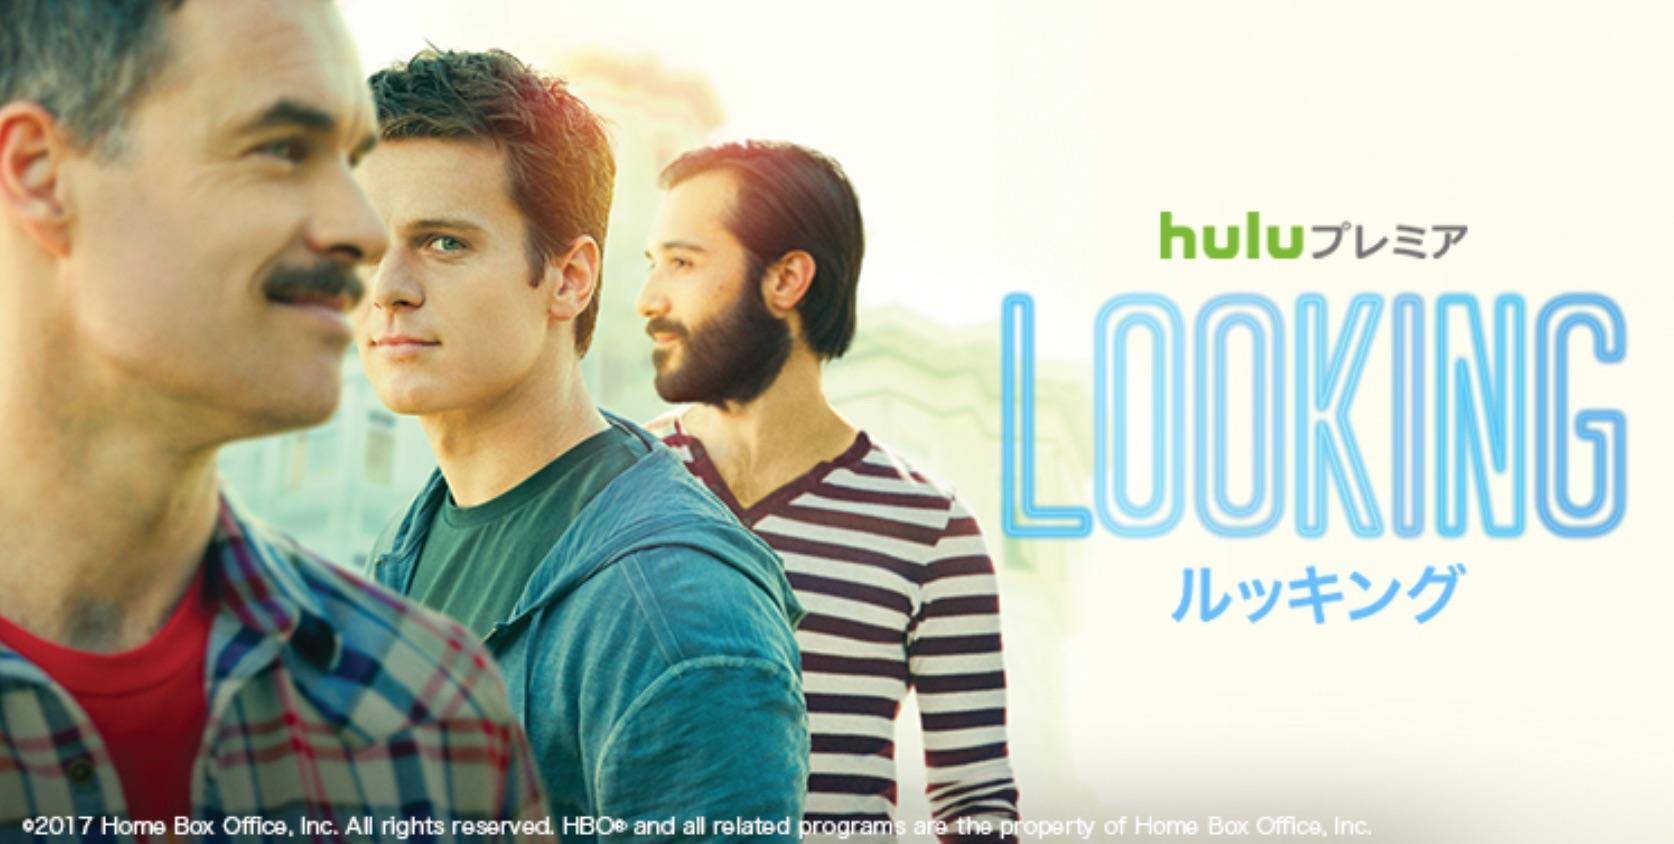 【悲報】ゲイドラマ「LOOKING/ルッキング」Huluにて配信終了【GENXY】